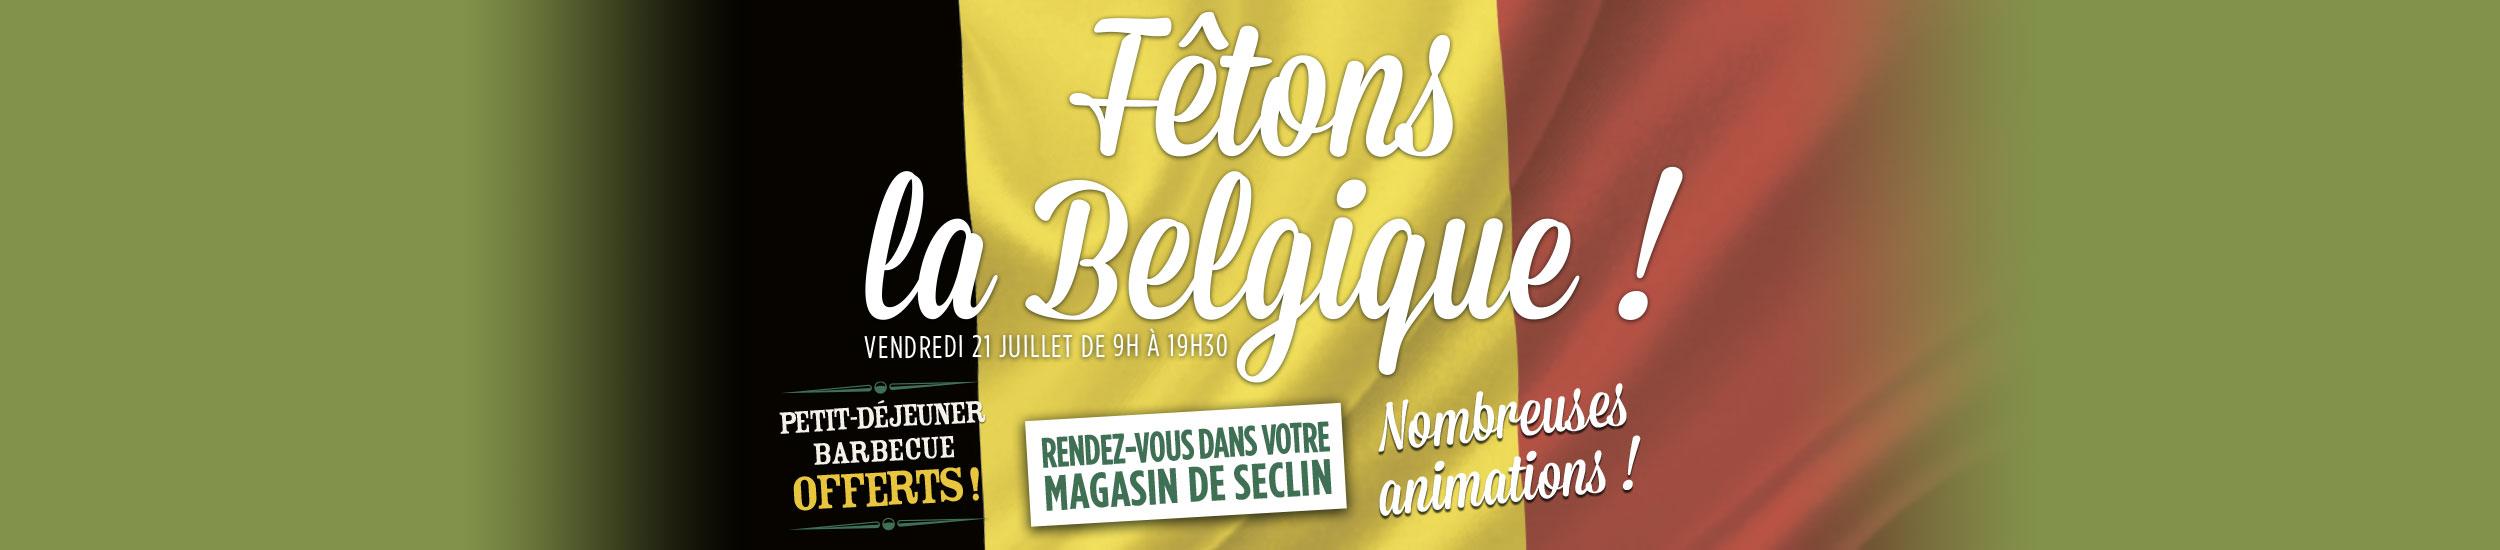 FÊTONS LA BELGIQUE !